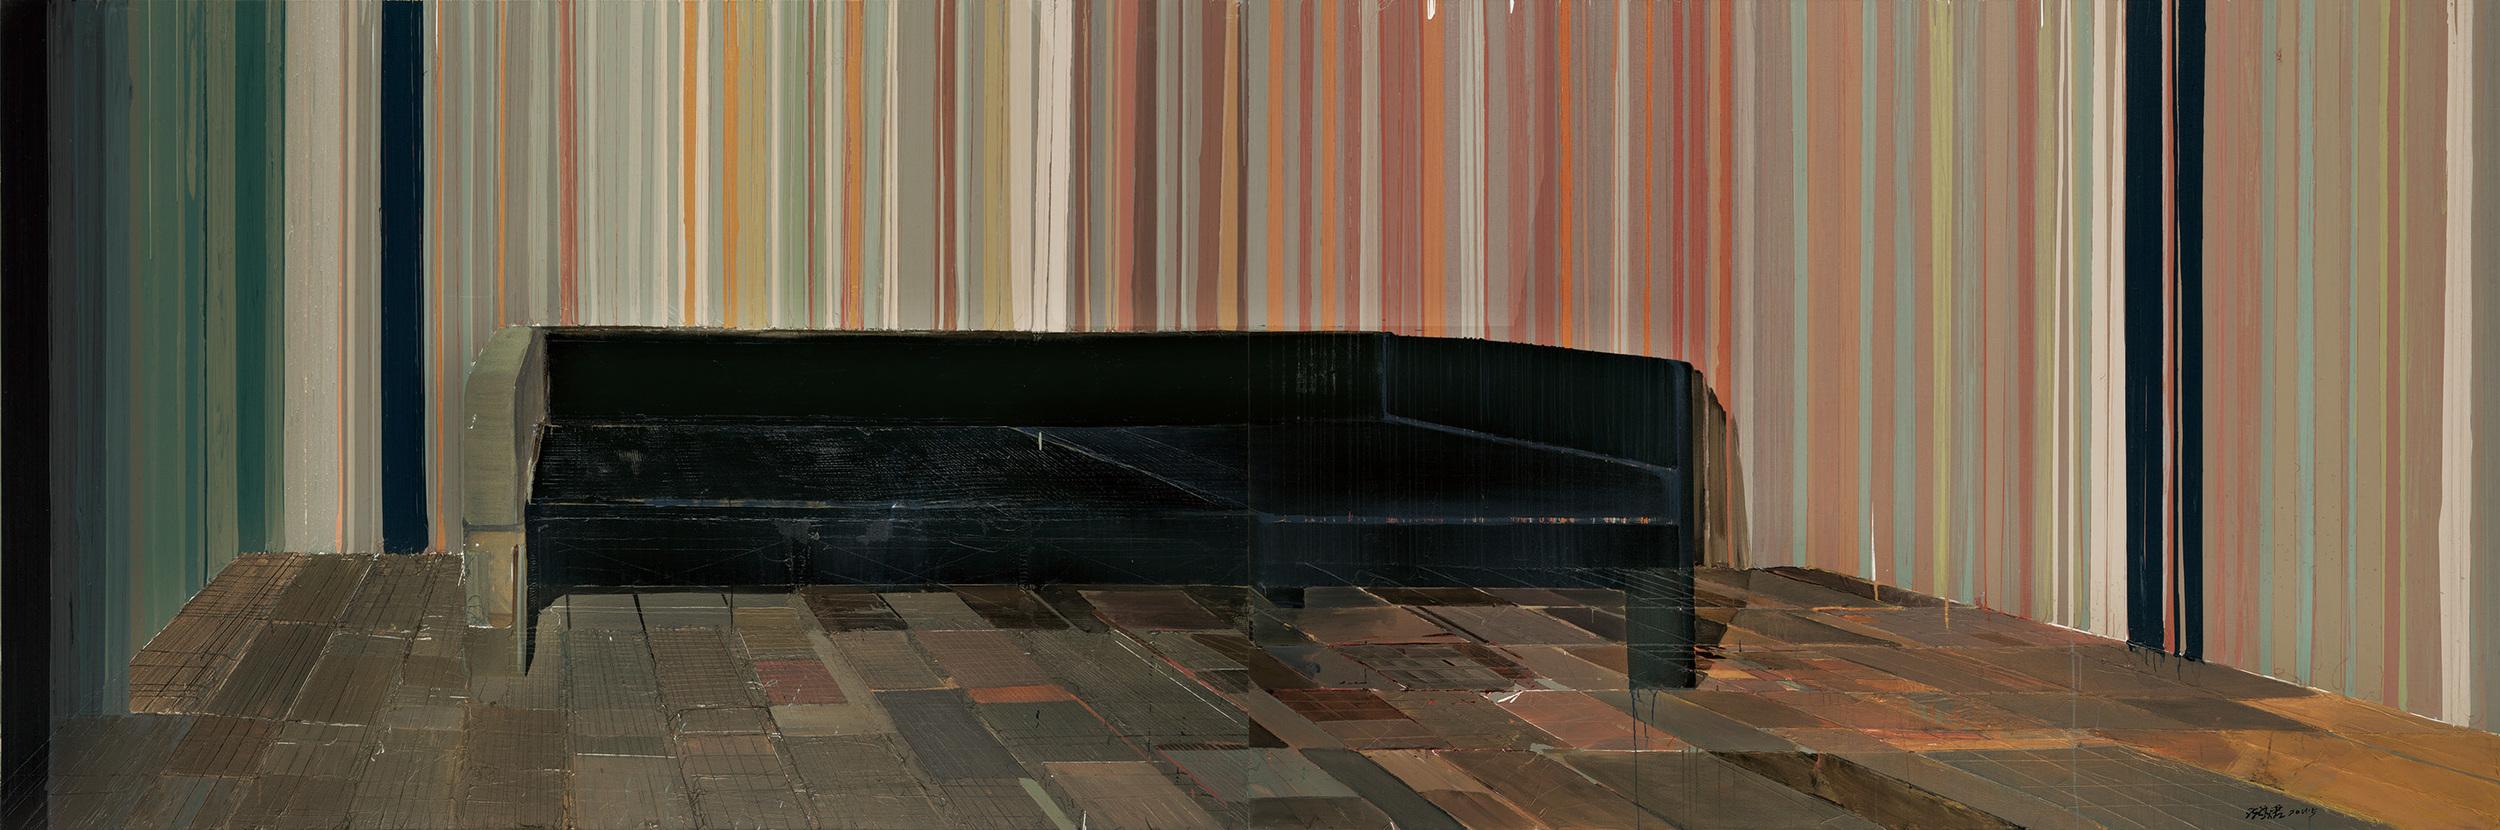 亚洲地境_12平方米,布面丙烯,2011_200x600cm (Two panels).jpg